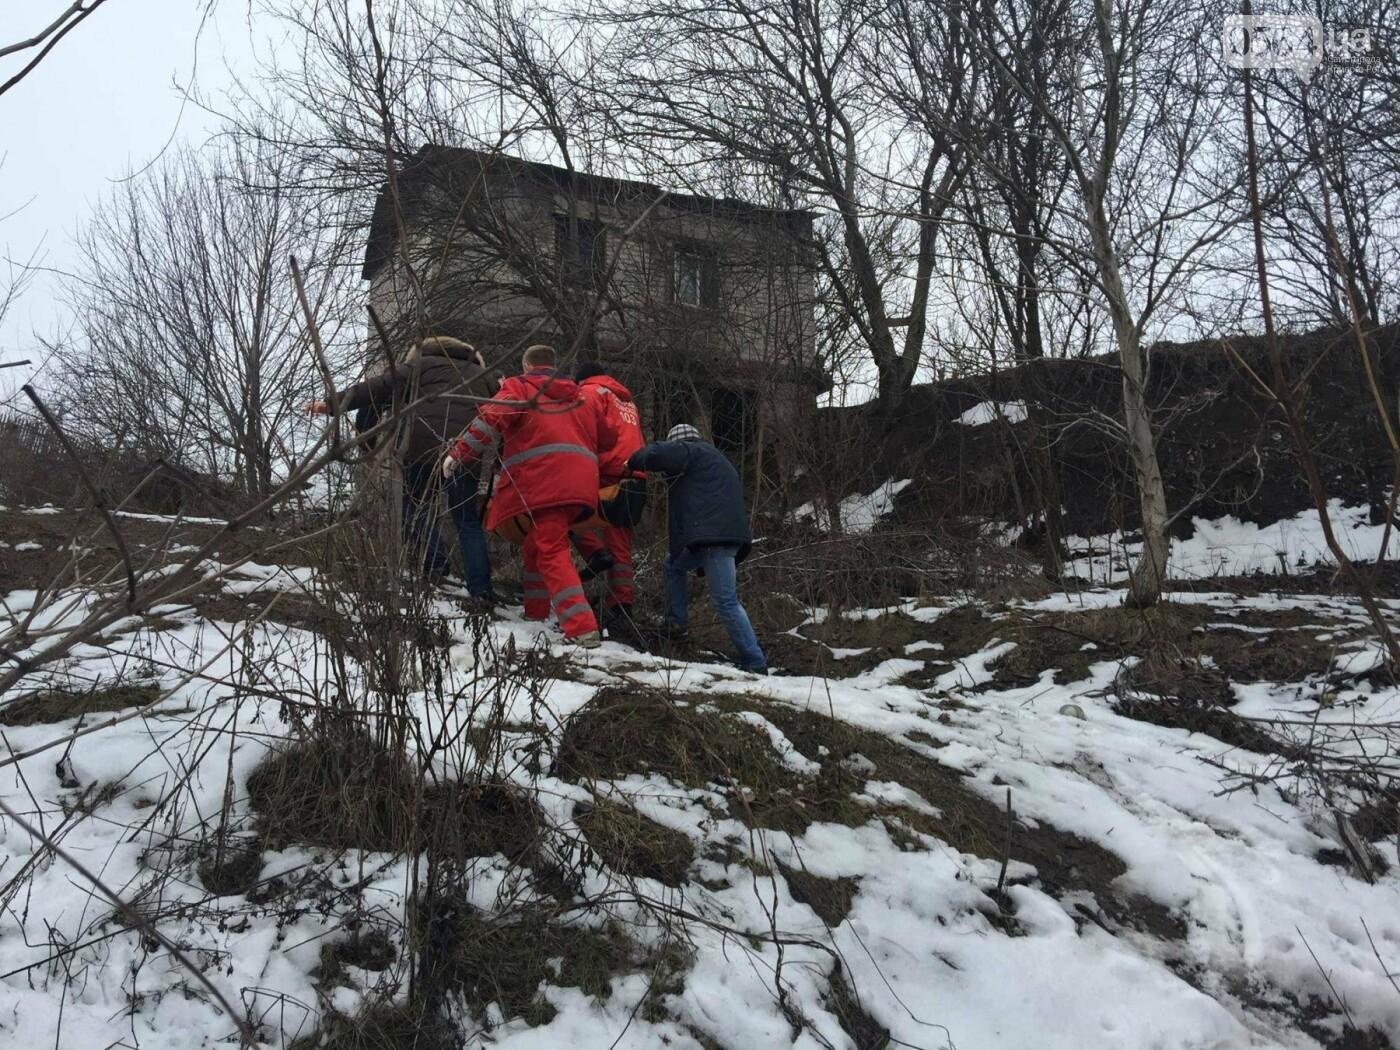 Неравнодушные жители Кривого Рога помогли в поисках мужчины, провалившегося в яму в районе станции скоростного трамвая (ФОТО), фото-5